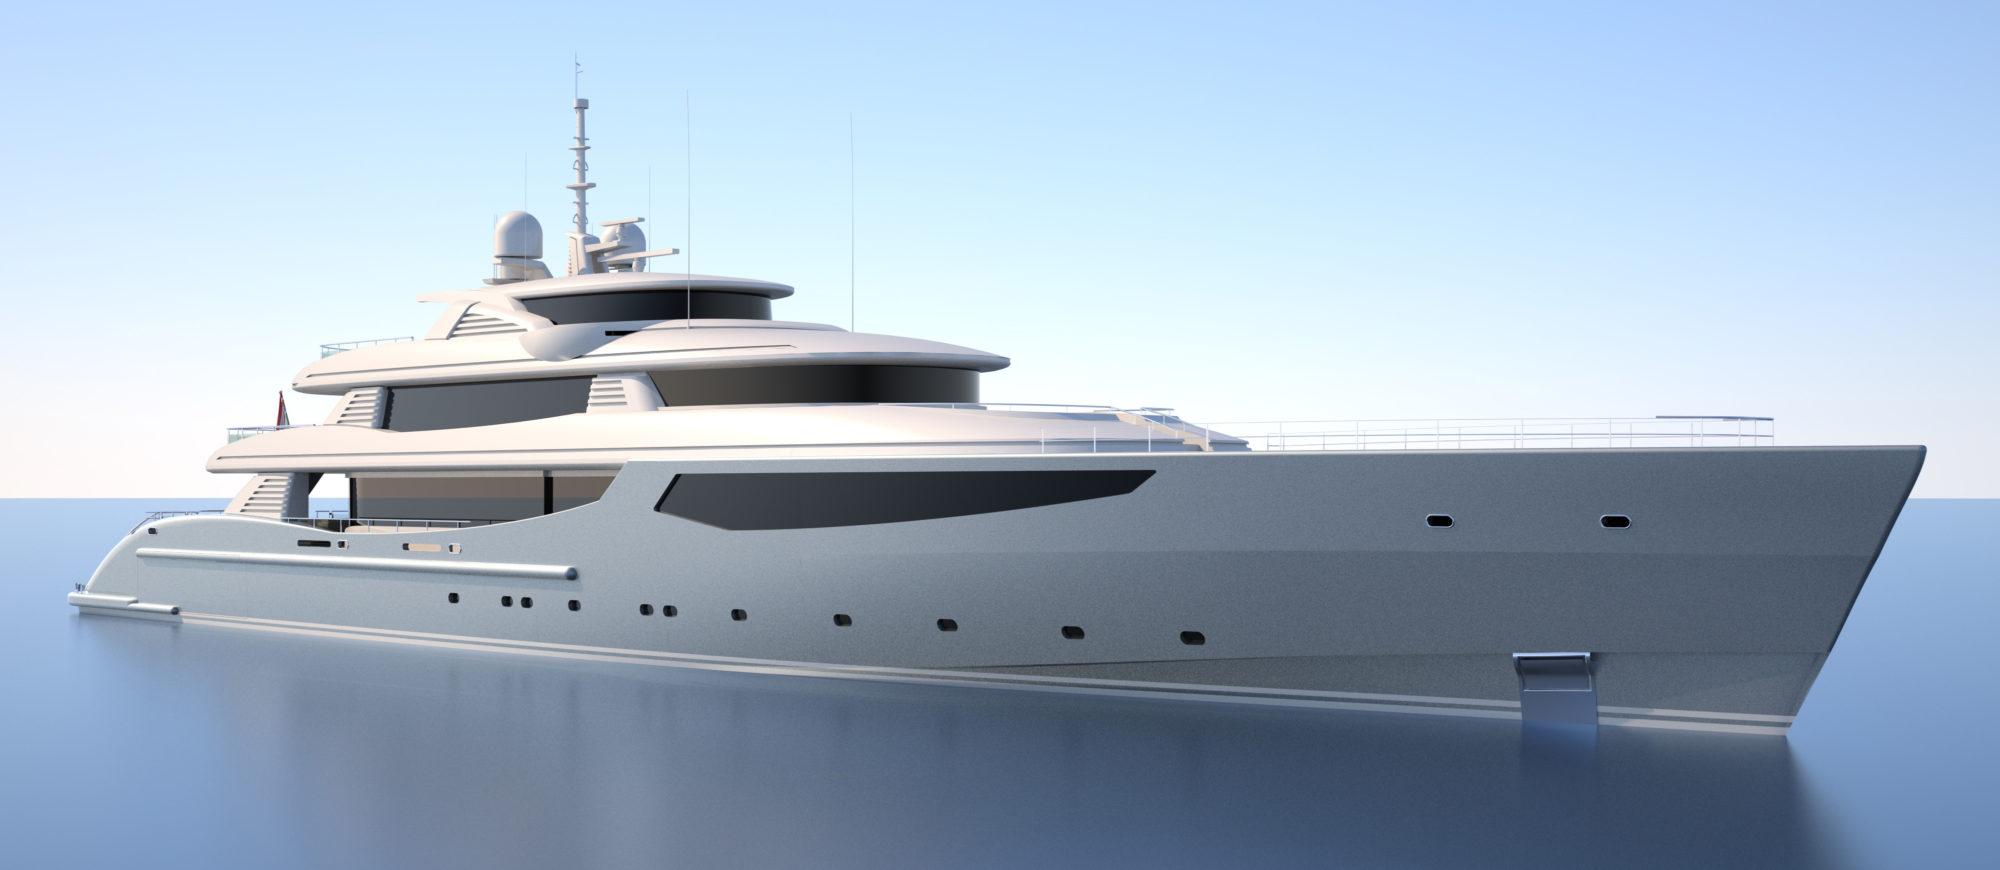 Conrad C233 Superyacht Concept Vallicelli Visualisation Exterior 3